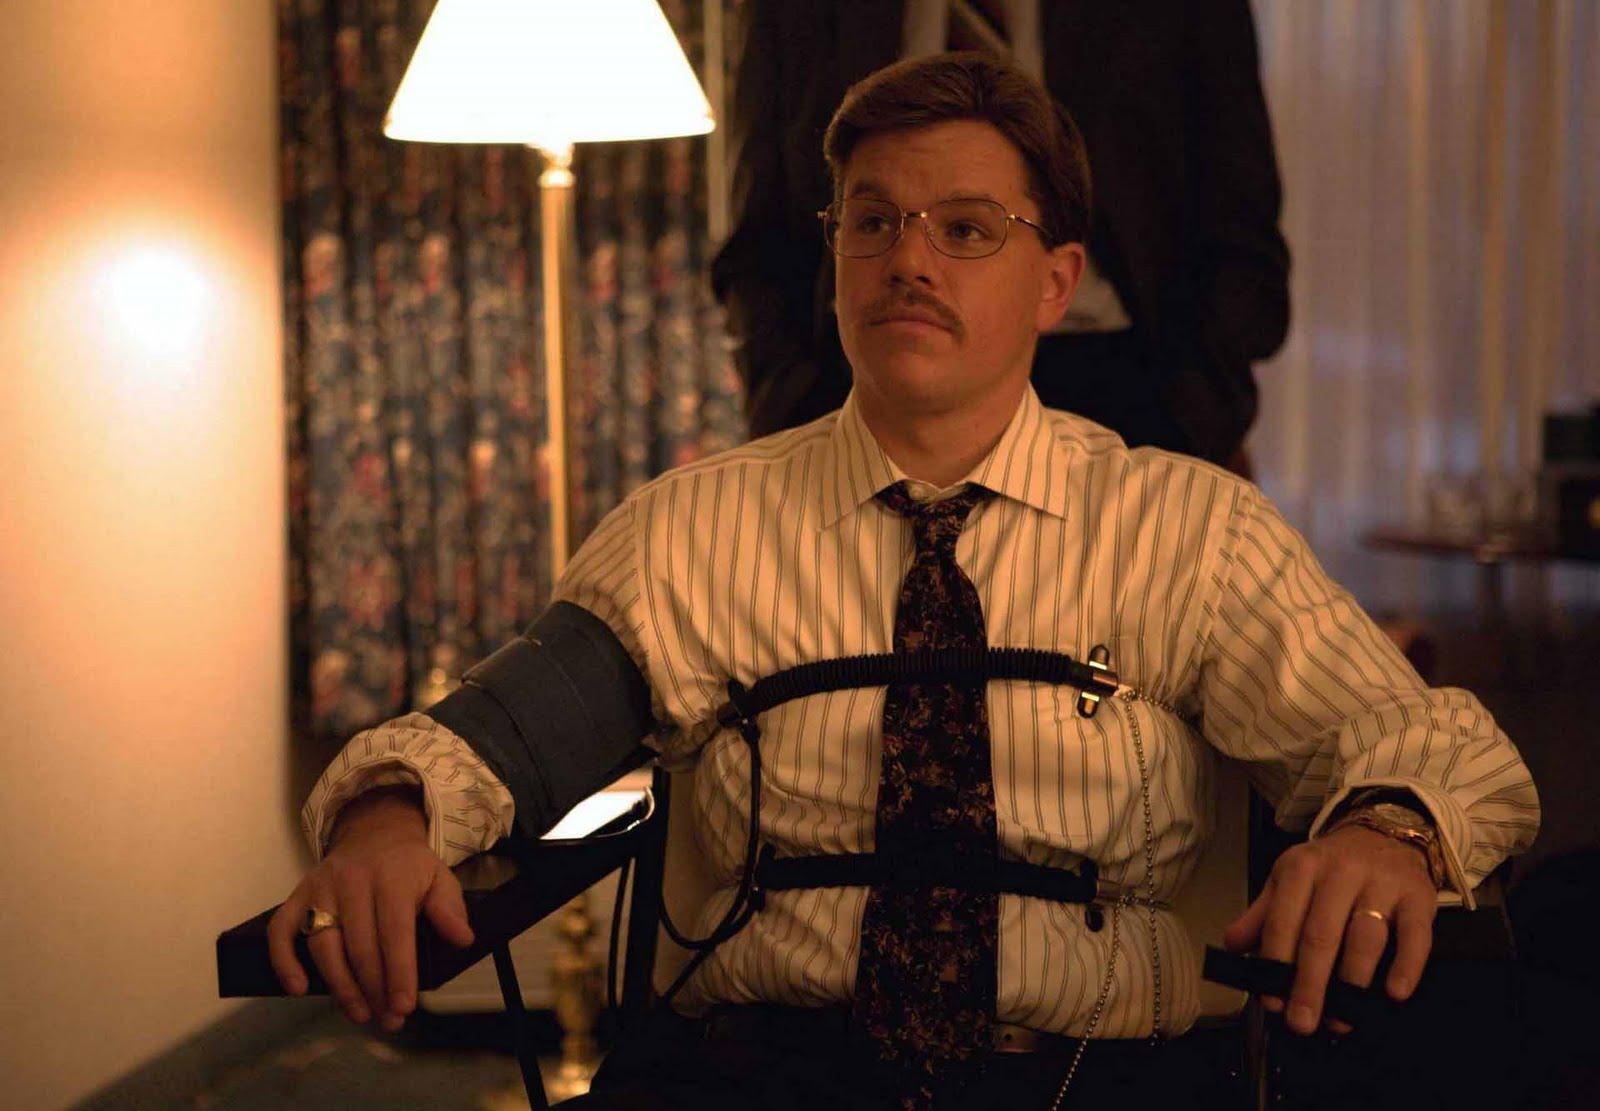 http://1.bp.blogspot.com/_zKBbtj9rWrU/TAIfHkkWERI/AAAAAAAAFRc/1H2d2NZJPQU/s1600/Matt+Damon+is+The+Informant!.jpg